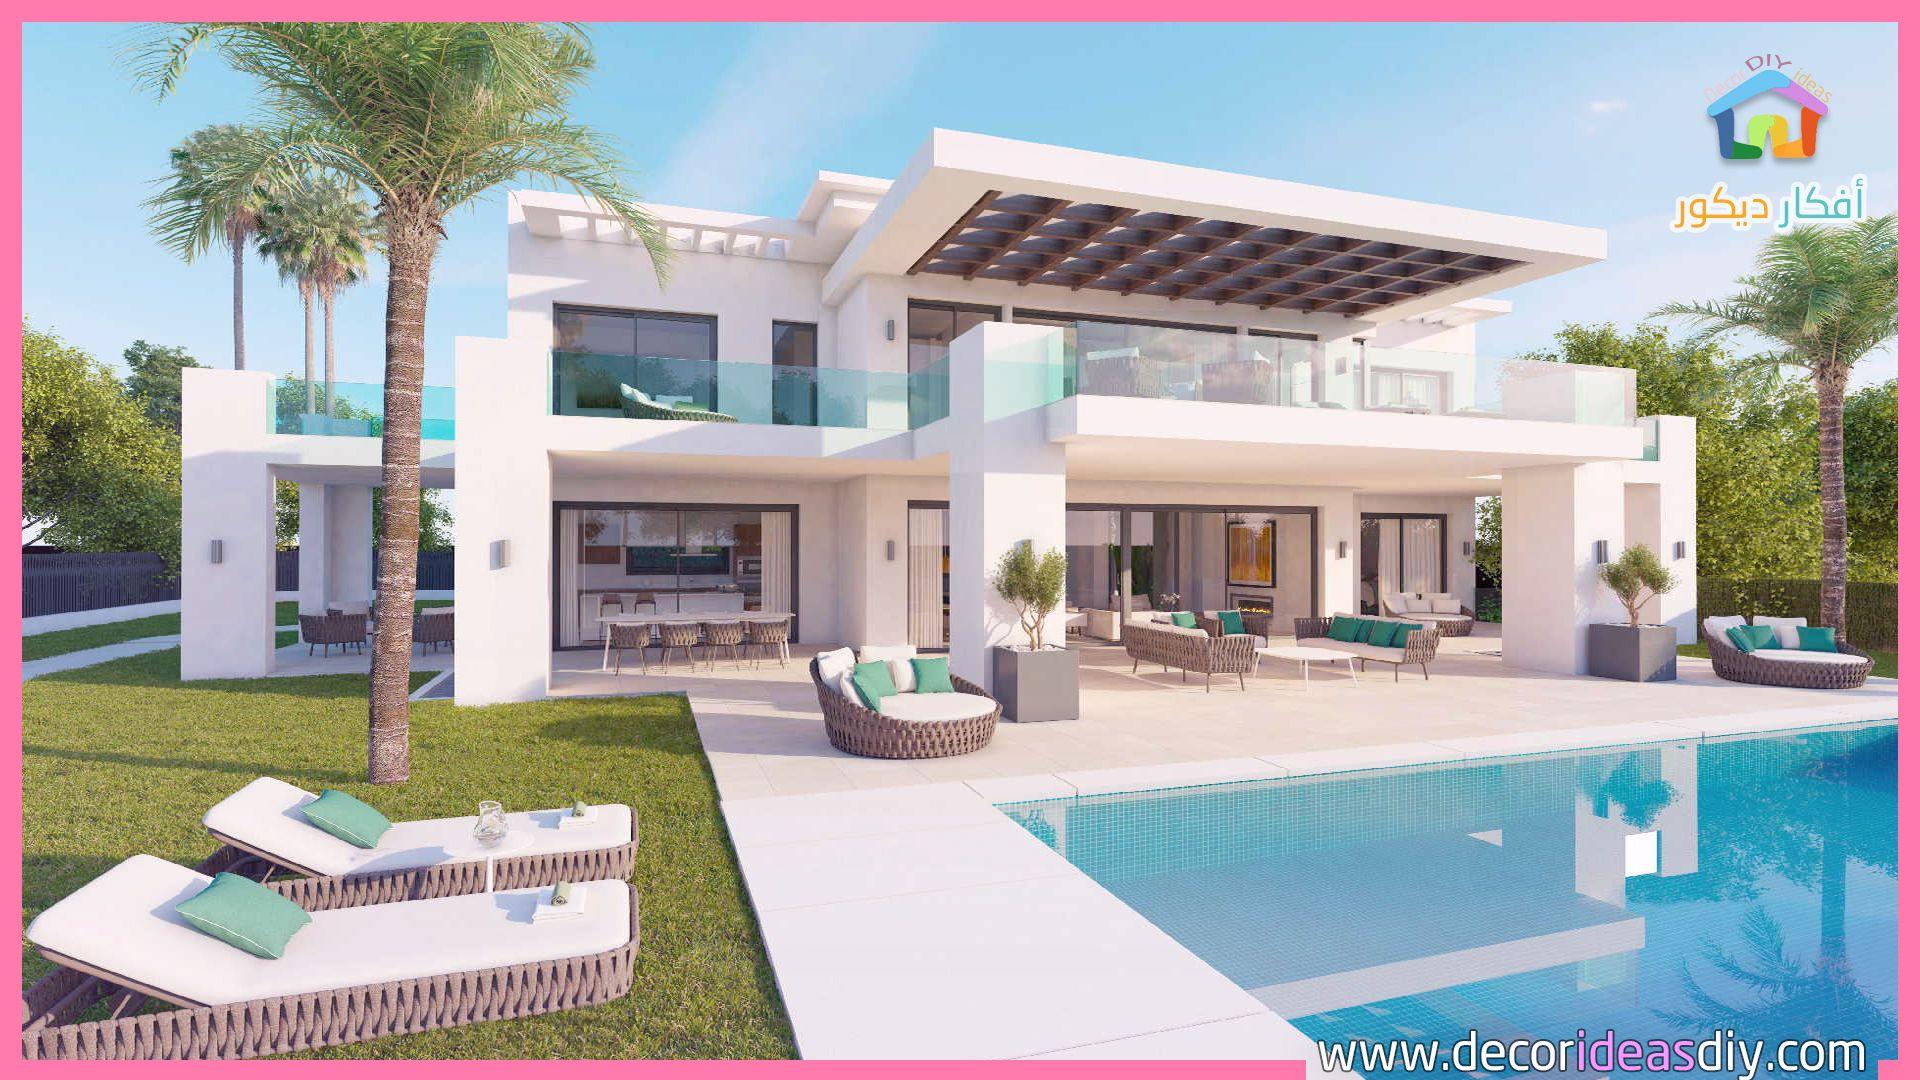 تصاميم فلل رائعة ومذهلة | Different types of houses, House, House ...